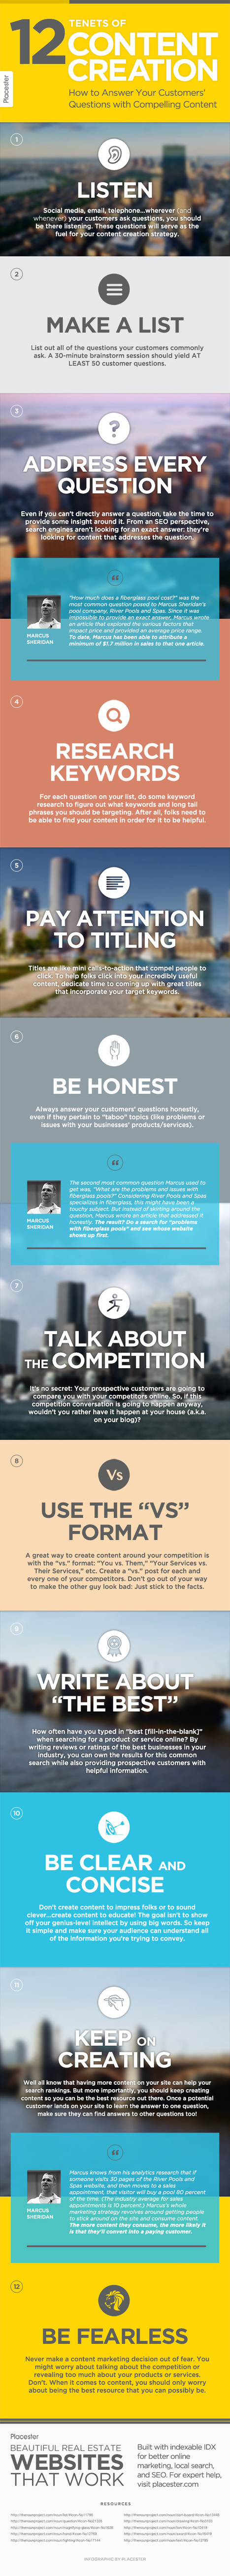 Les 12 étapes d'une stratégie de contenu réussie | Content strategy and UX | Scoop.it